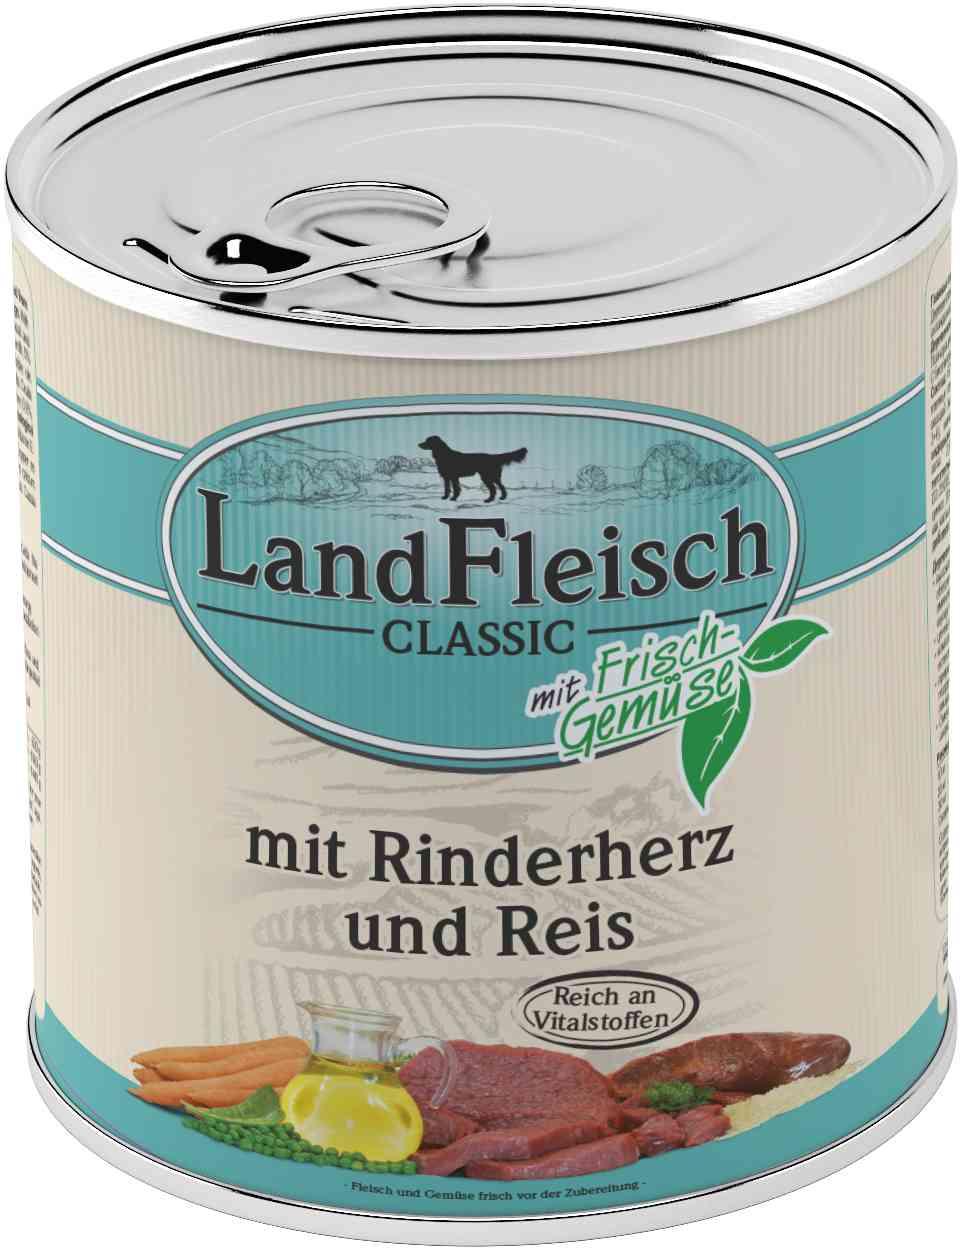 Landfleisch Dog Classic Rinderherz, Reis 800g